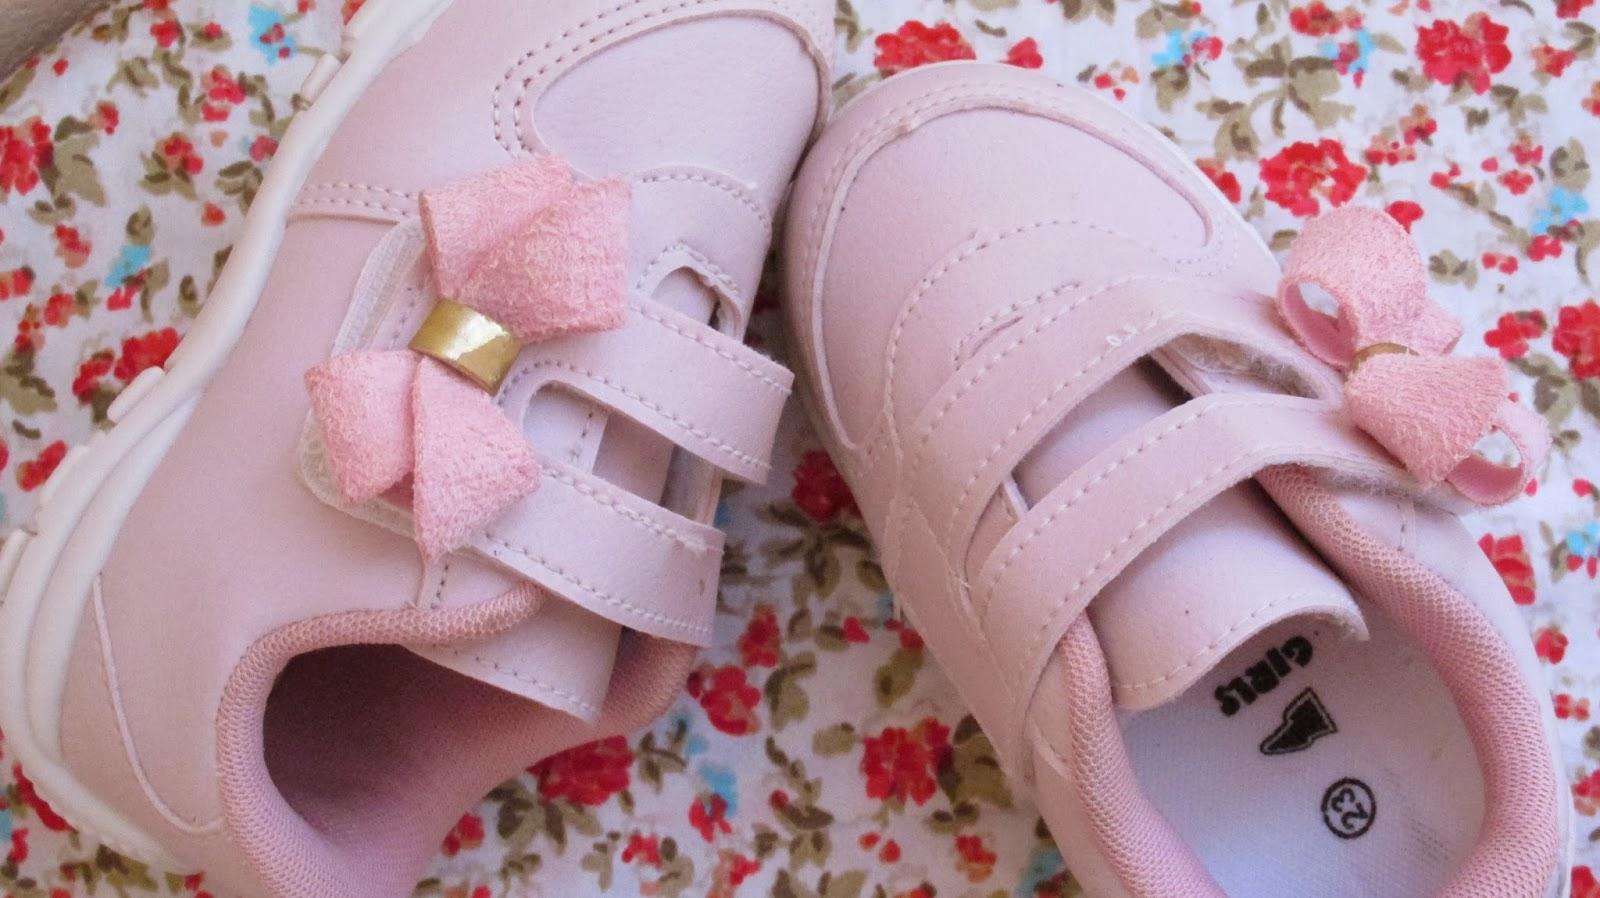 Tênis Infantil, tenis Feminino, tenis rosa,  riachuelo,tênis para criança, Shoes,Infant,Female,tênis para menina, calçados bom bonito barato,blog materno, maternidade, moda infantil, enxoval  de bebe